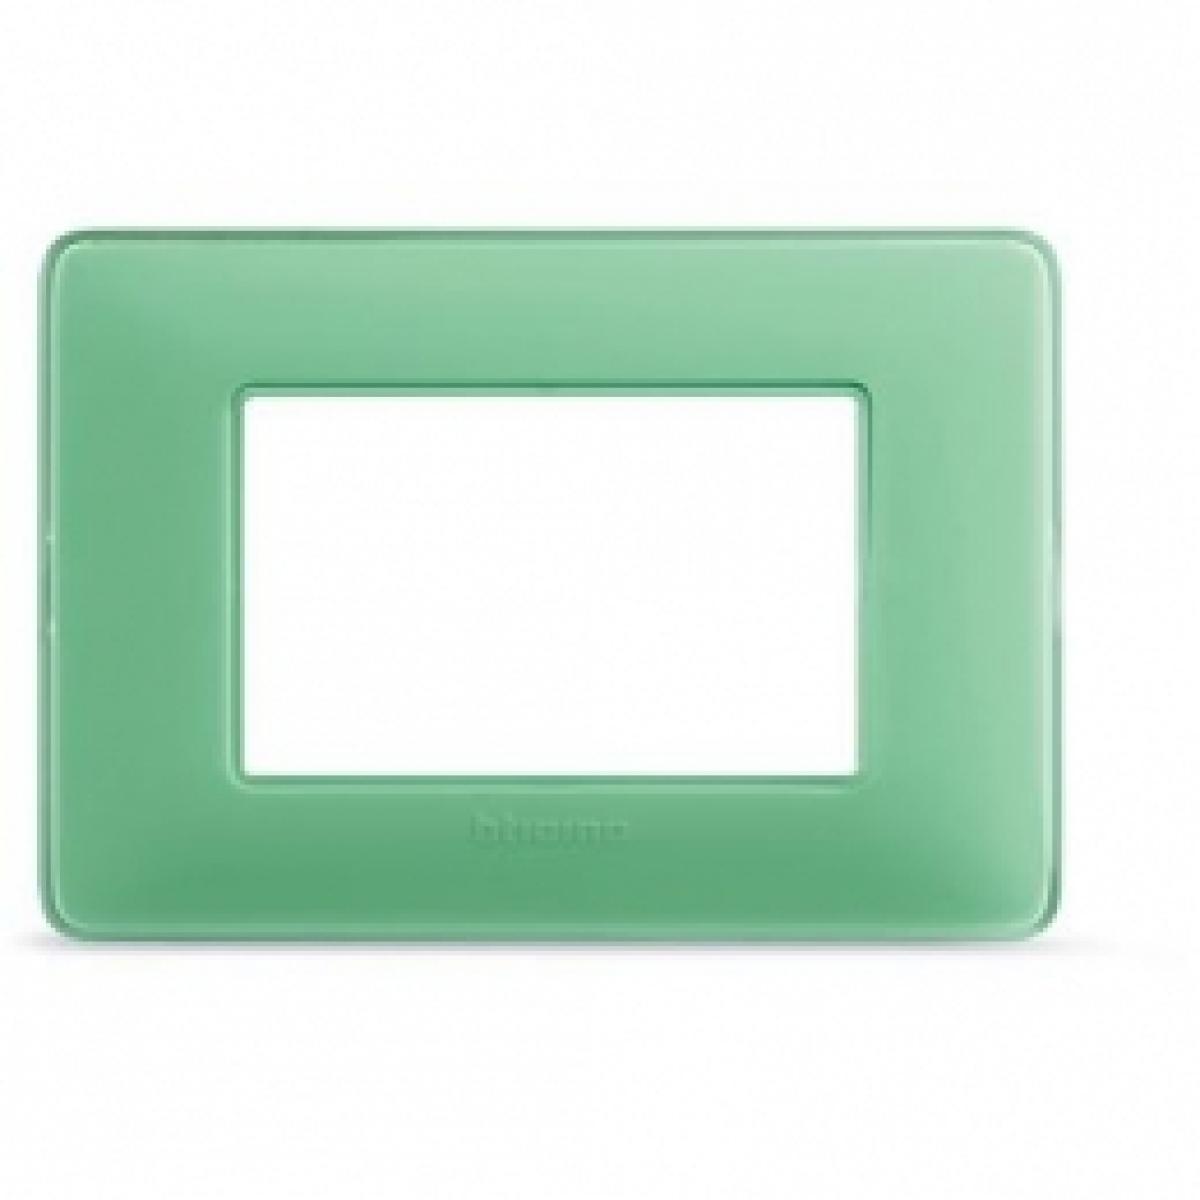 Placca 3 Moduli Te Verde Bticino Matix AM4803CVC